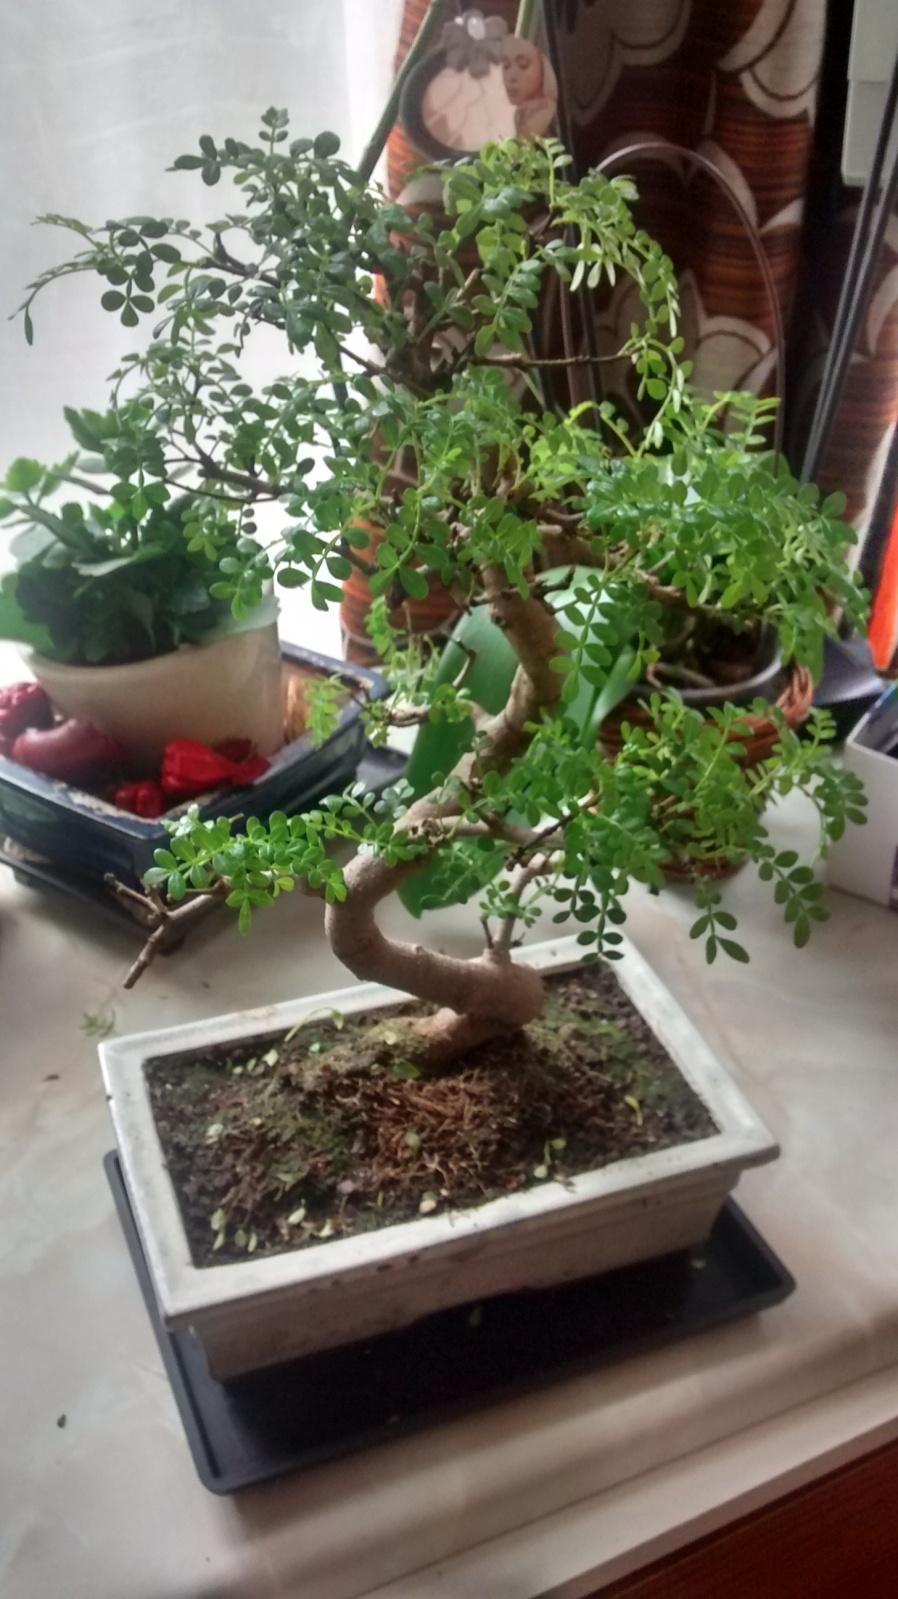 Pimentero japones, algunas ramas se estan poniendo mustias 2eeh7id